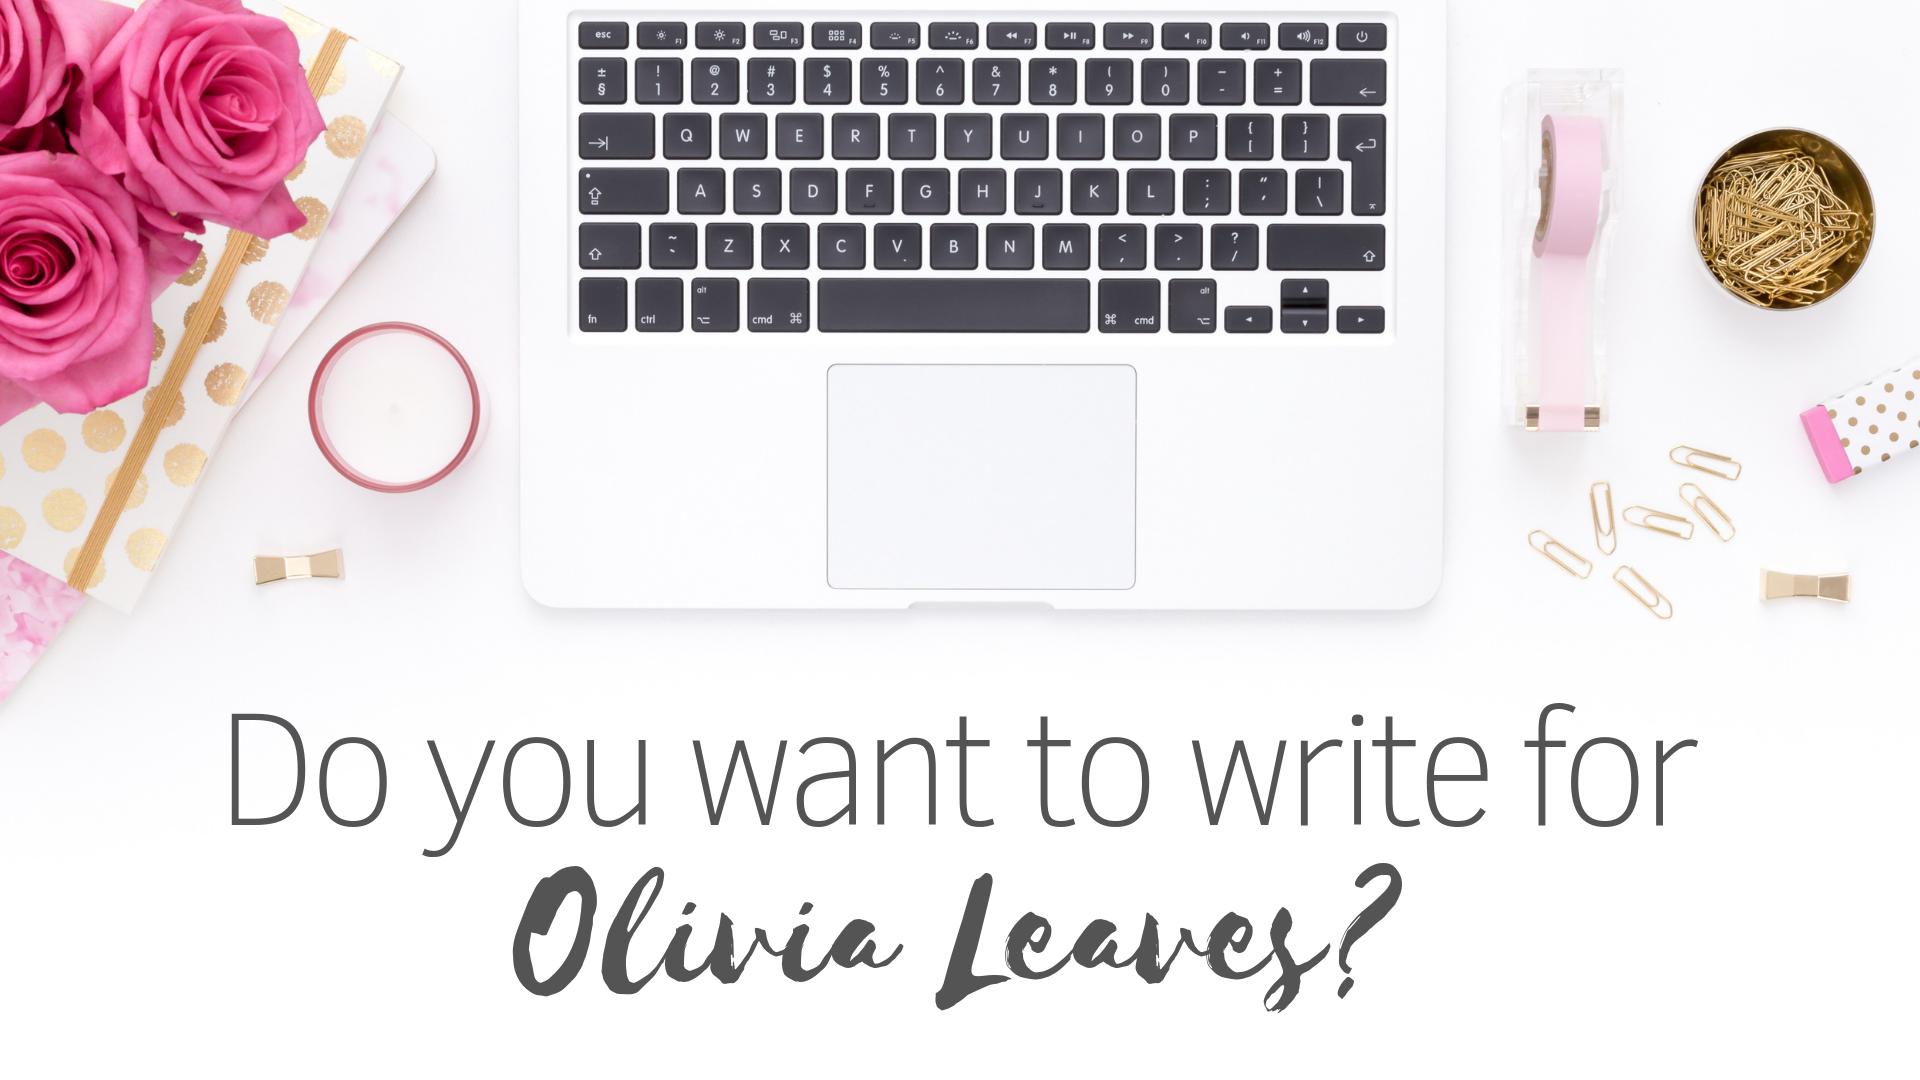 Olivia Leaves | Write for Olivia Leaves